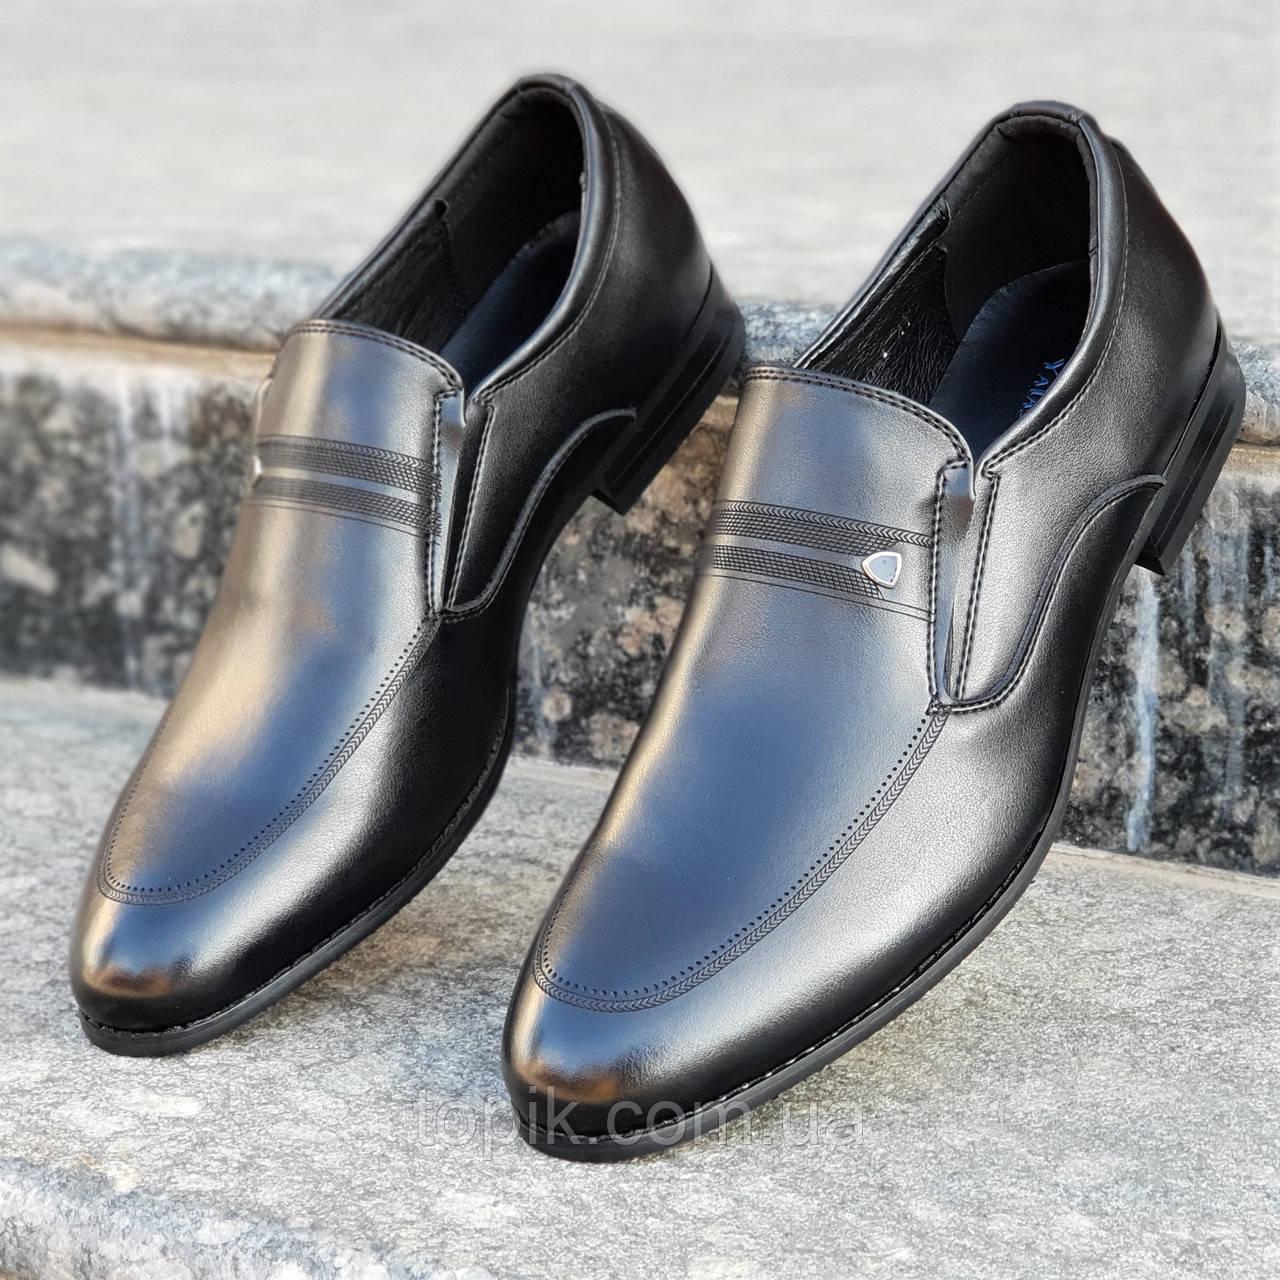 913666b9e0cb92 Туфли мужские классические модельные без шнурков натуральная кожа черные  стильные (Код: 1216а)